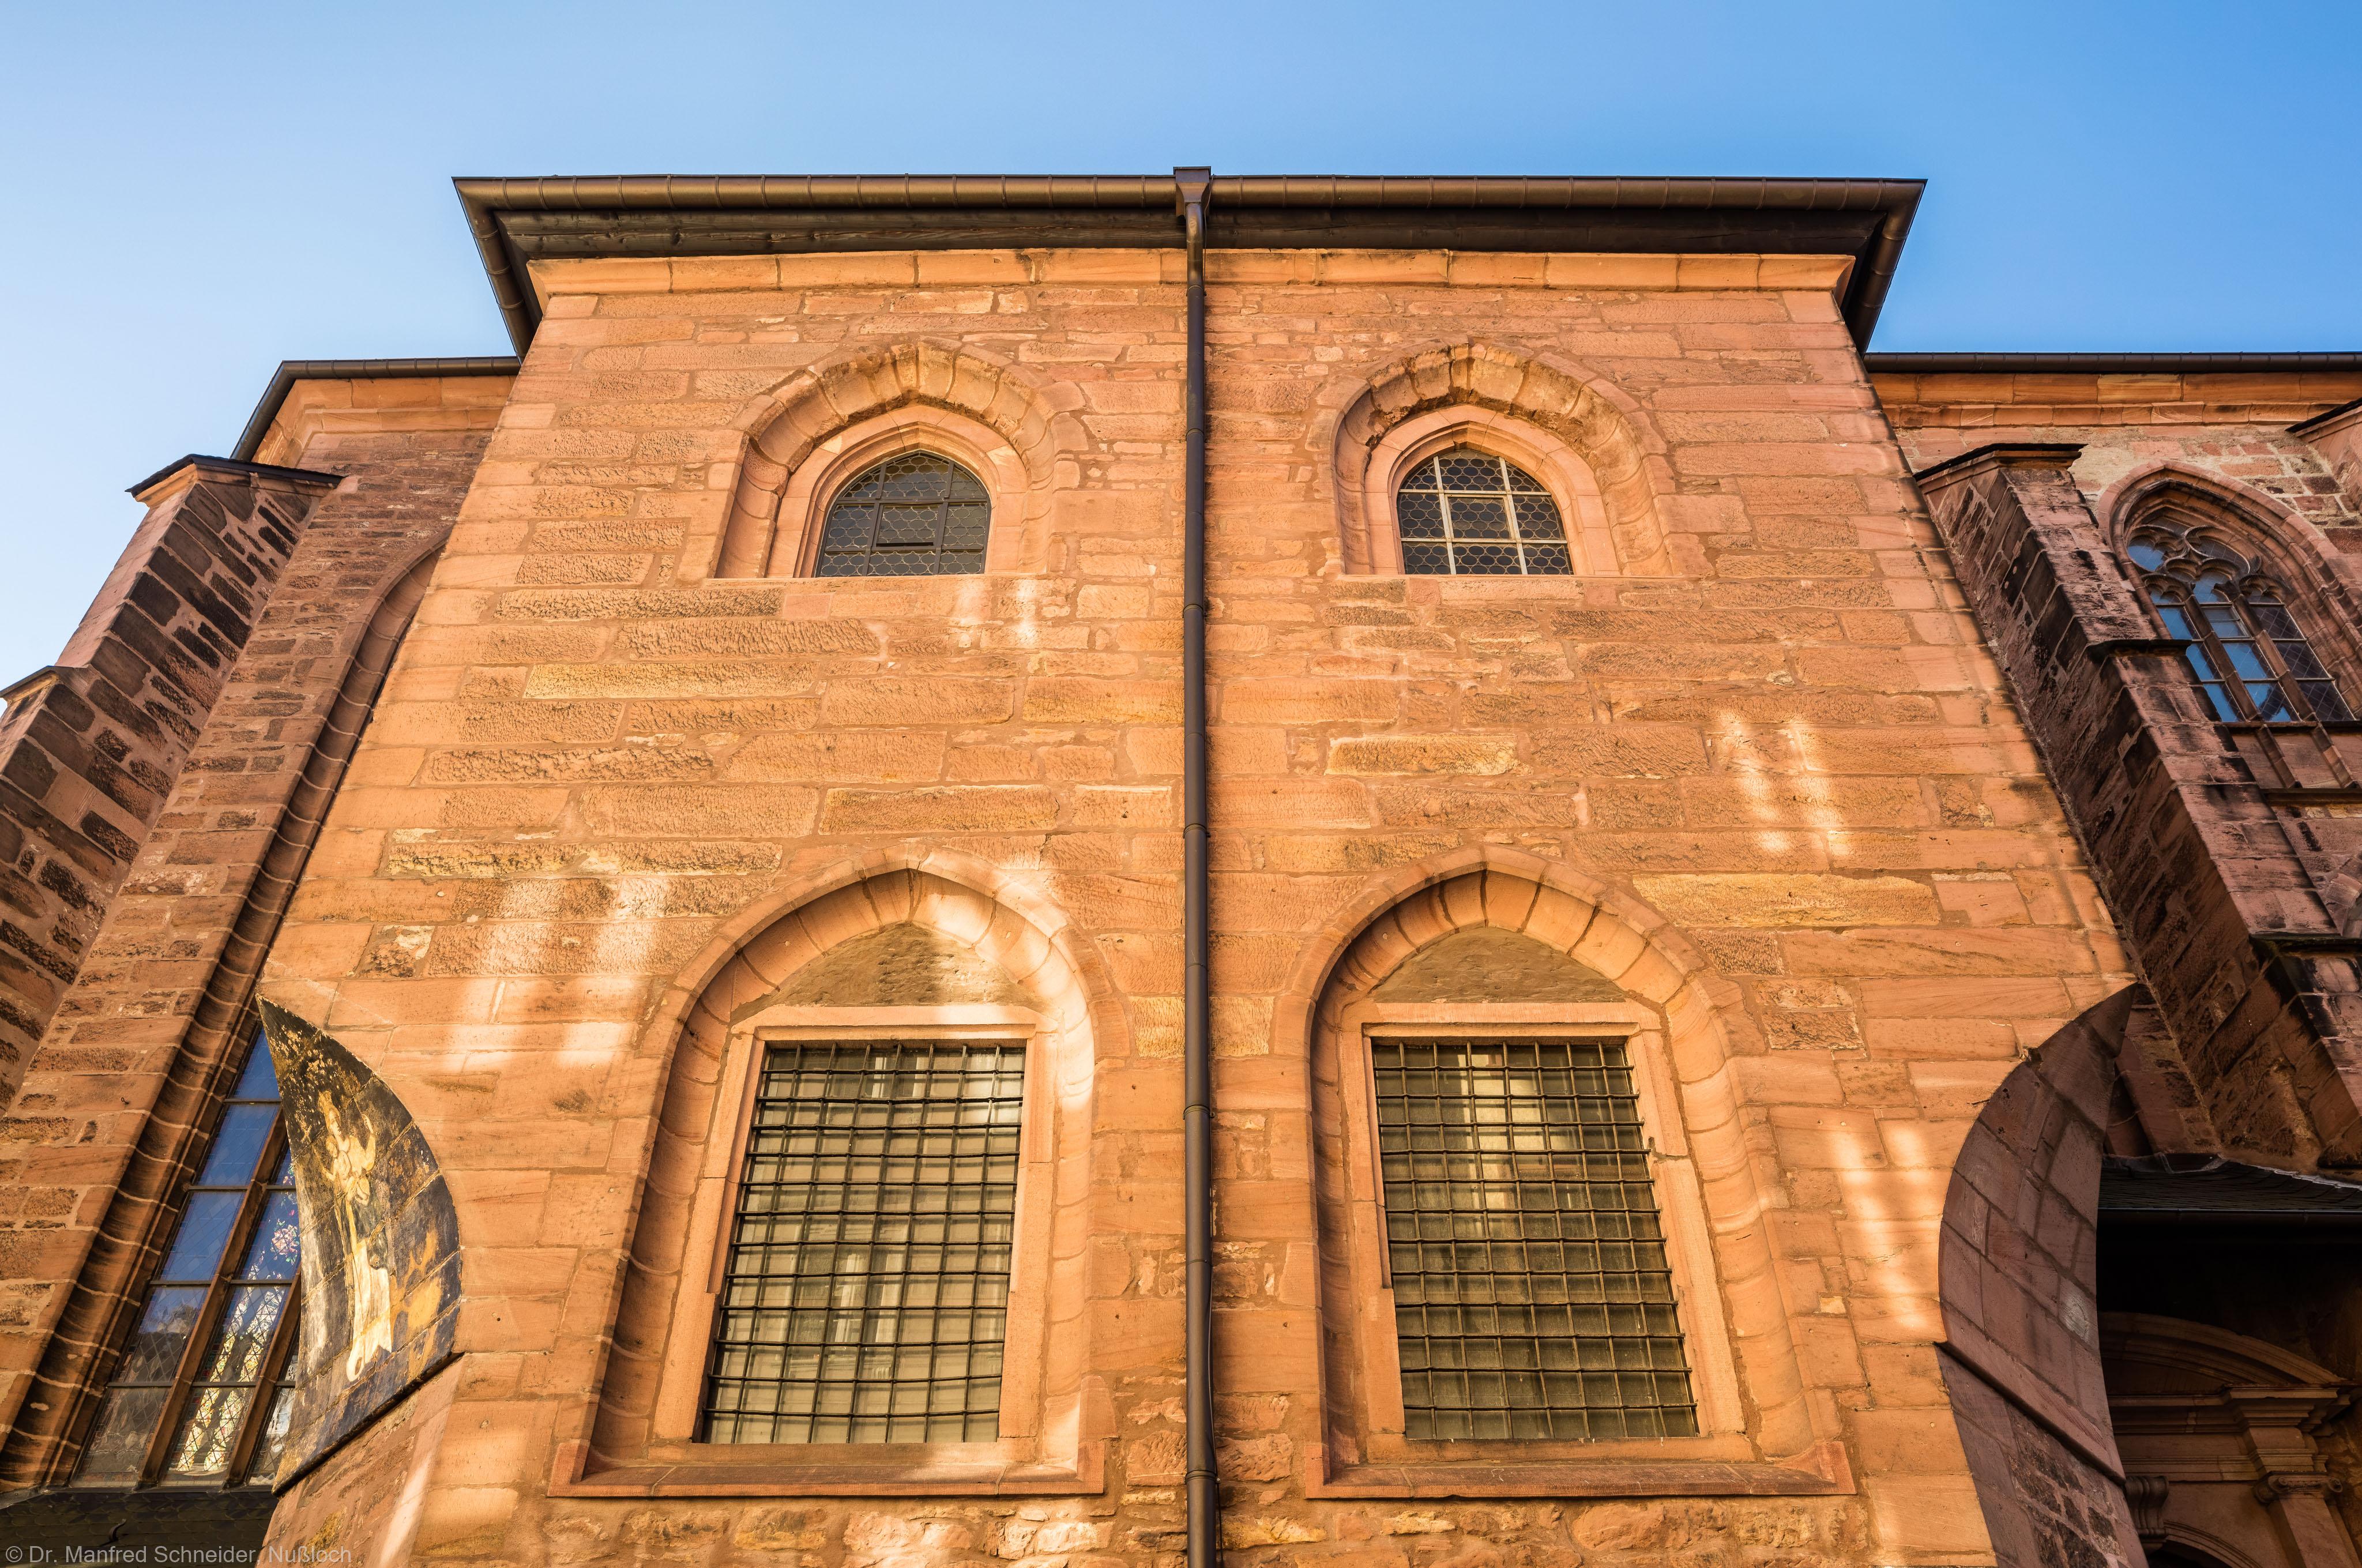 Heidelberg - Heiliggeistkirche - Nordseite - Sakristei - Blick von Norden nach oben auf die Sakristei (aufgenommen im Oktober 2015, am Vormittag)